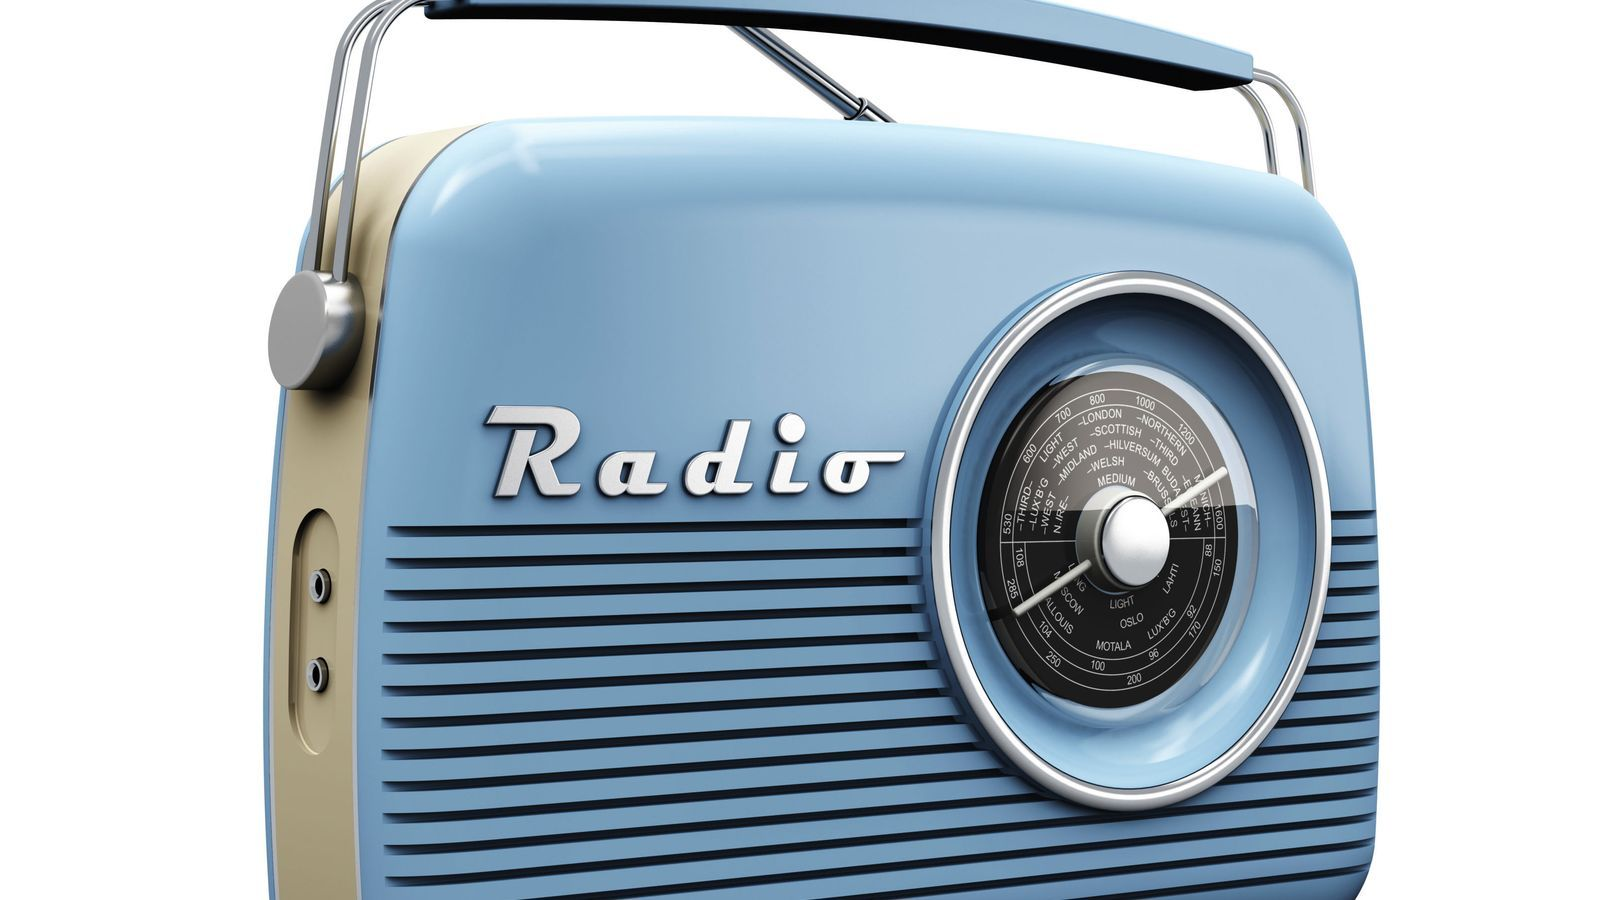 La inversió publicitària en ràdio cau per primer cop en cinc anys